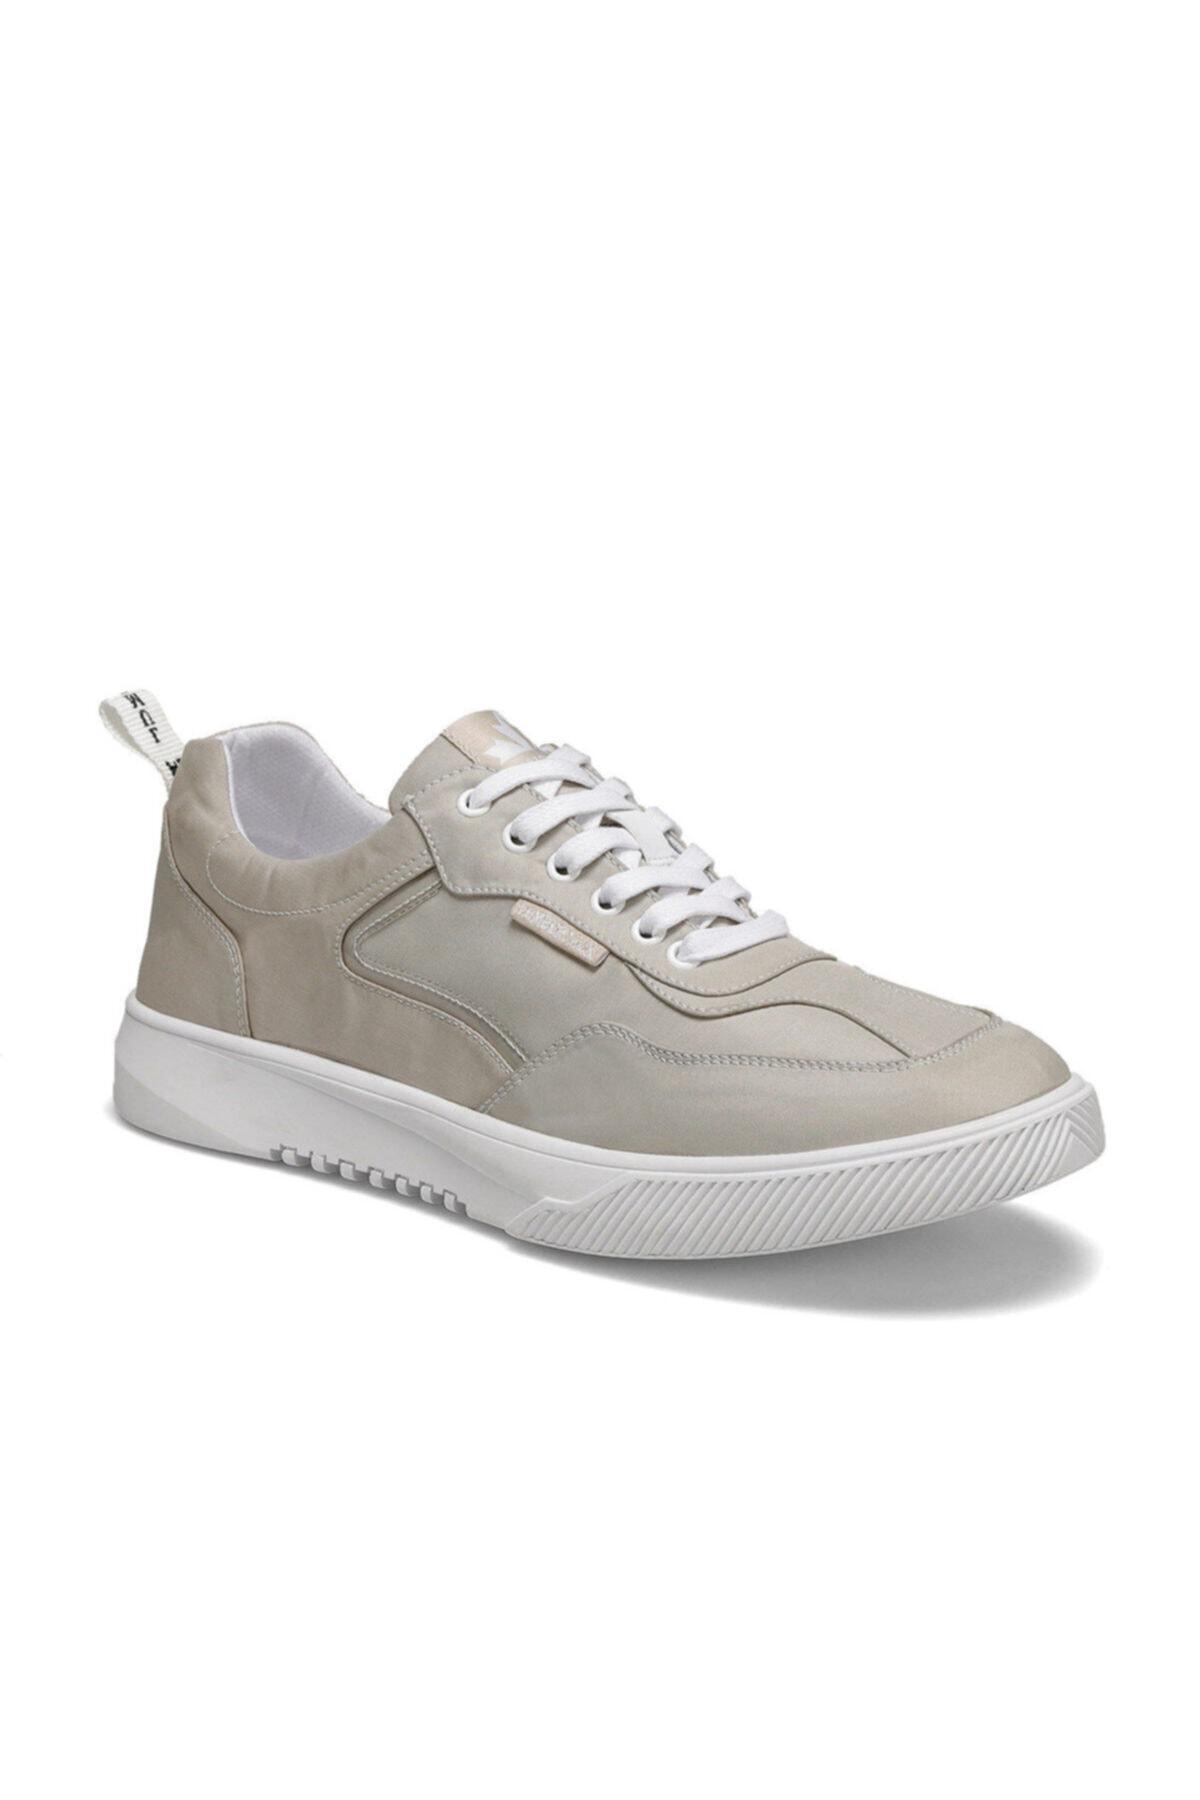 lumberjack KRONOS Bej Erkek Sneaker 100498866 1